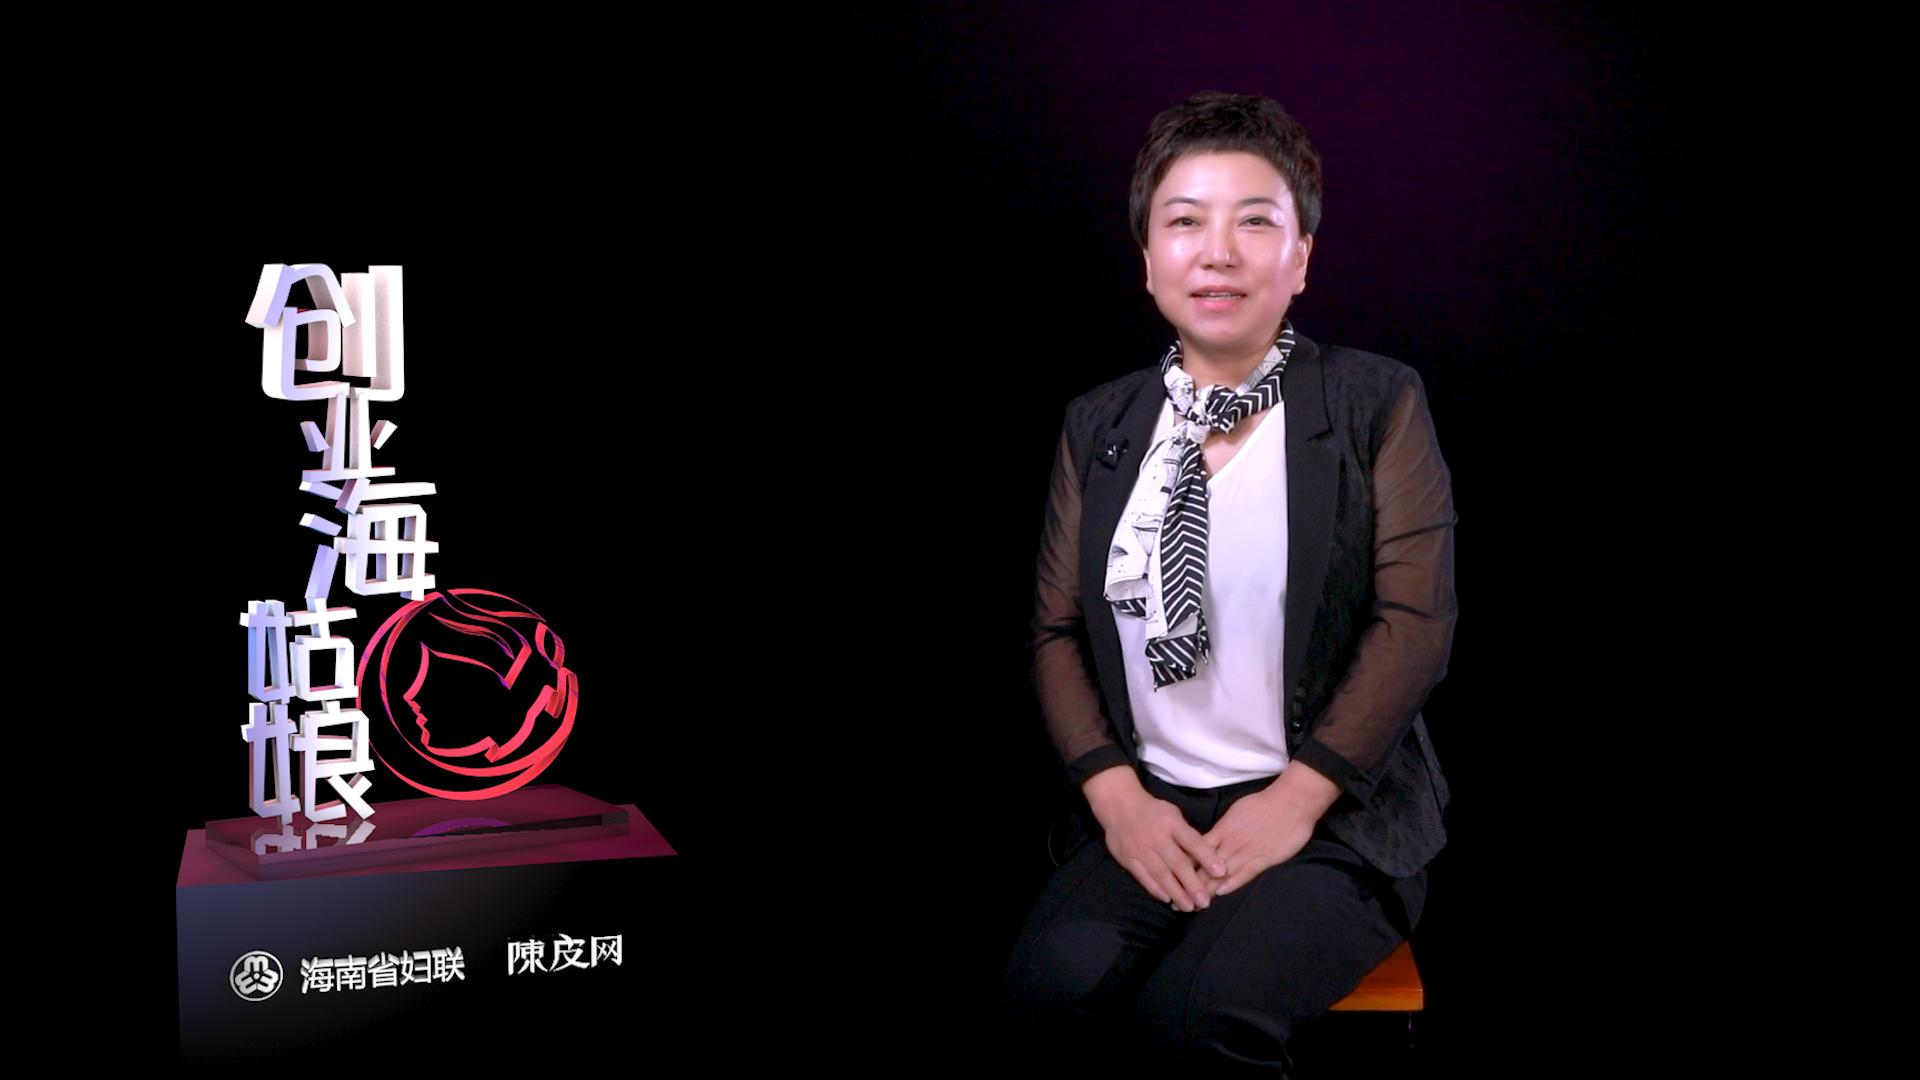 创业海姑娘|天地人生态农业徐咏梅 打造农业标杆,助力脱贫攻坚